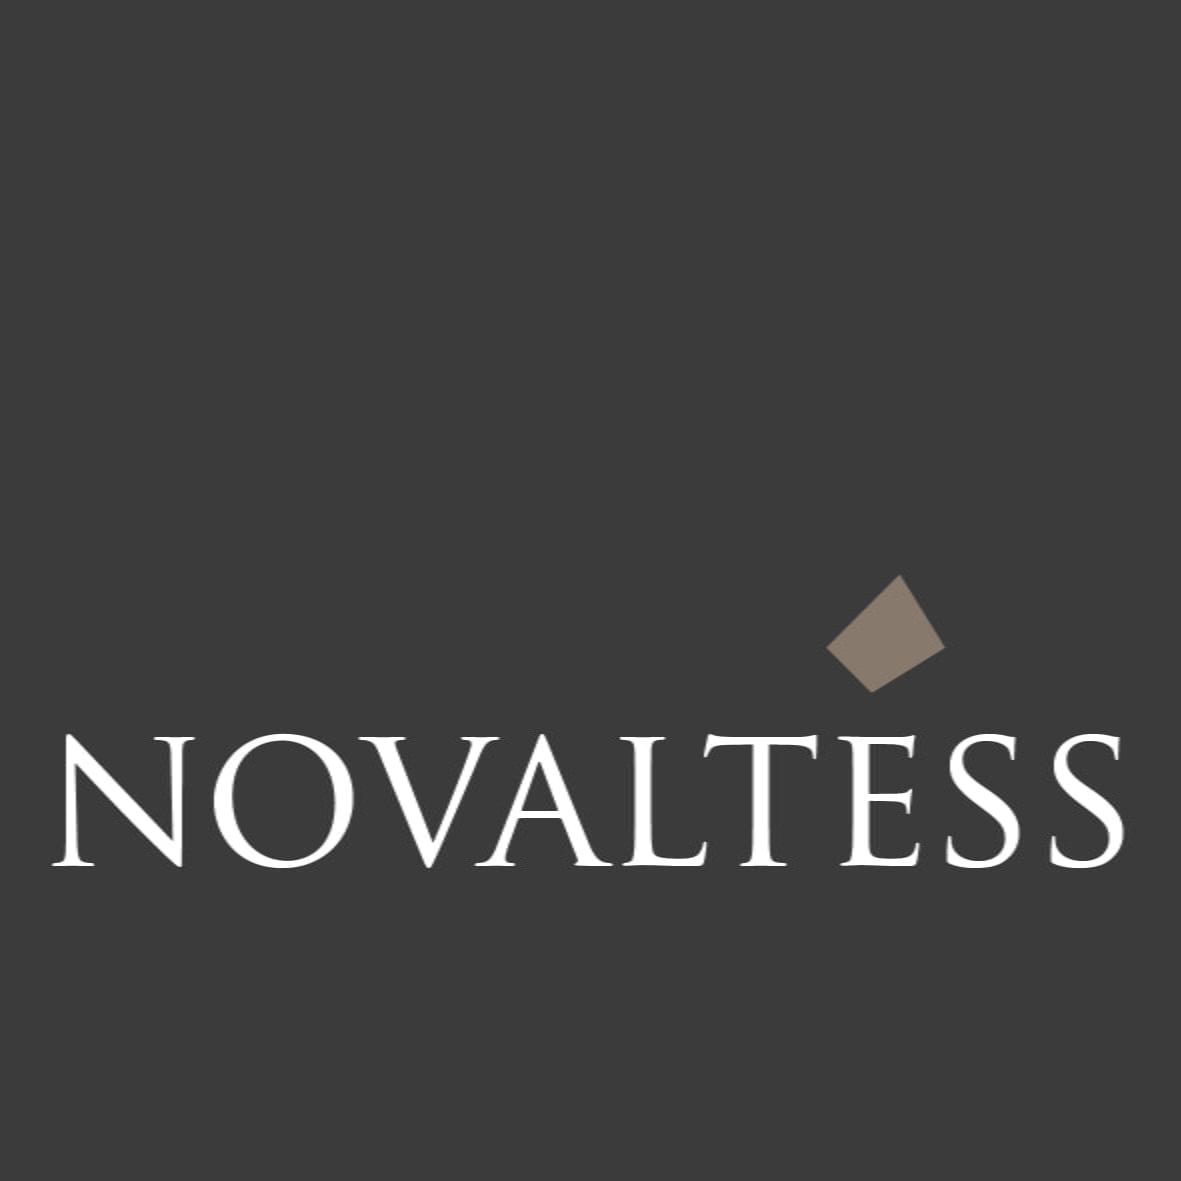 NOVALTESS